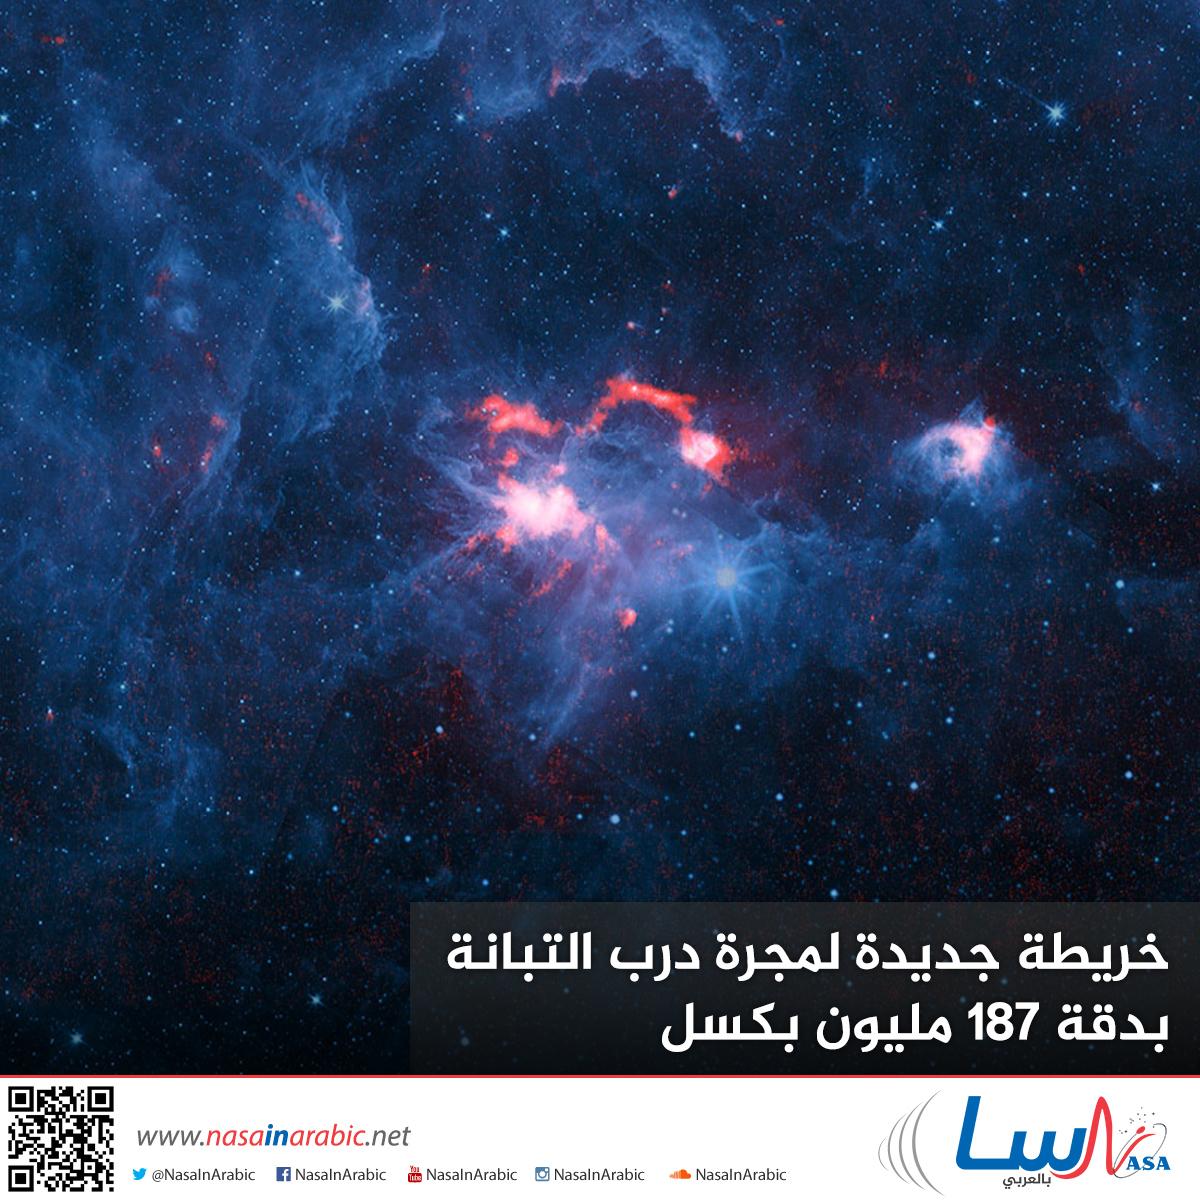 خريطة جديدة لمجرة درب التبانة بدقة 187 مليون بكسل